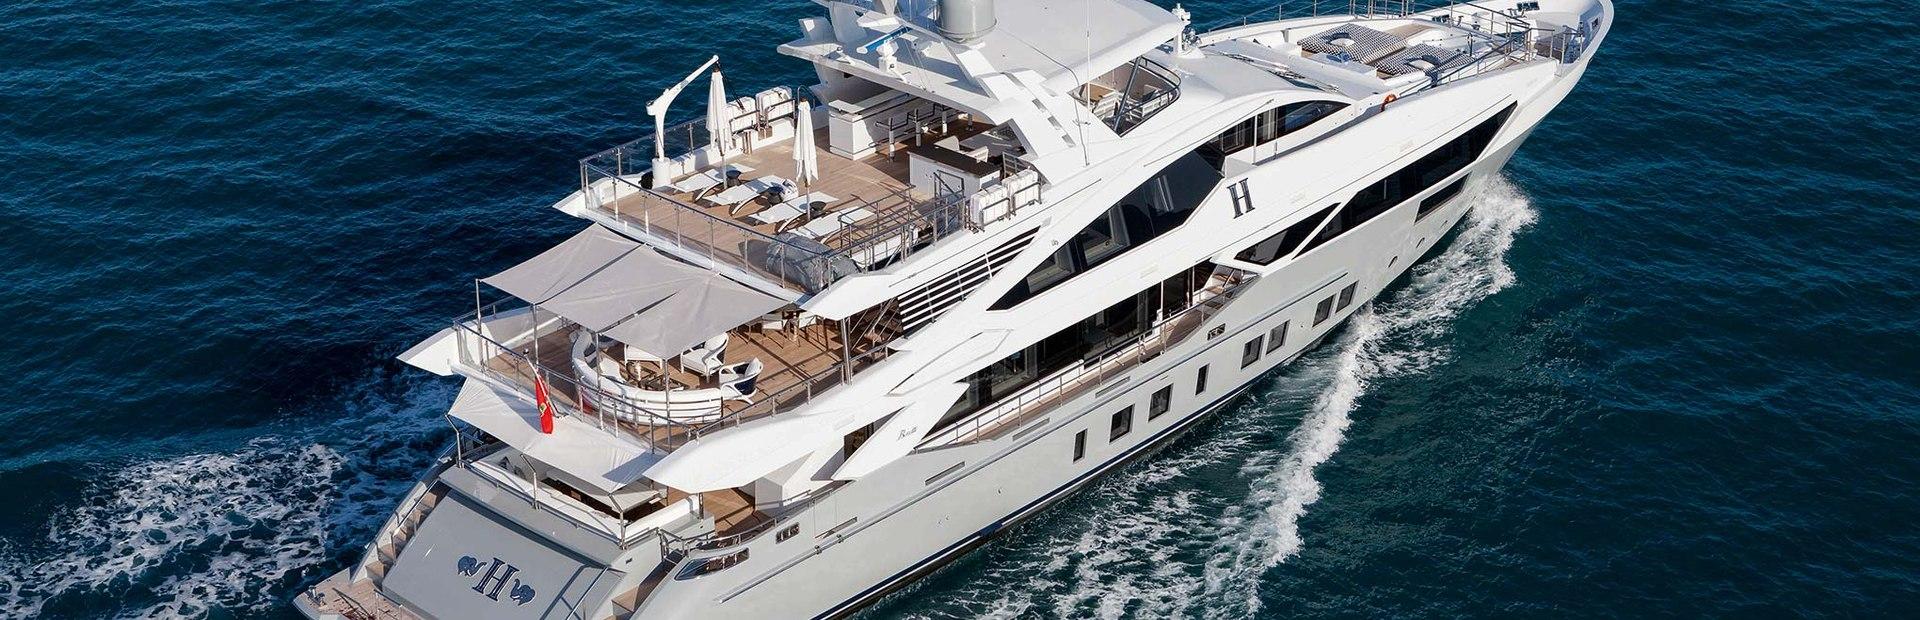 Veloce 140' Yacht Charter